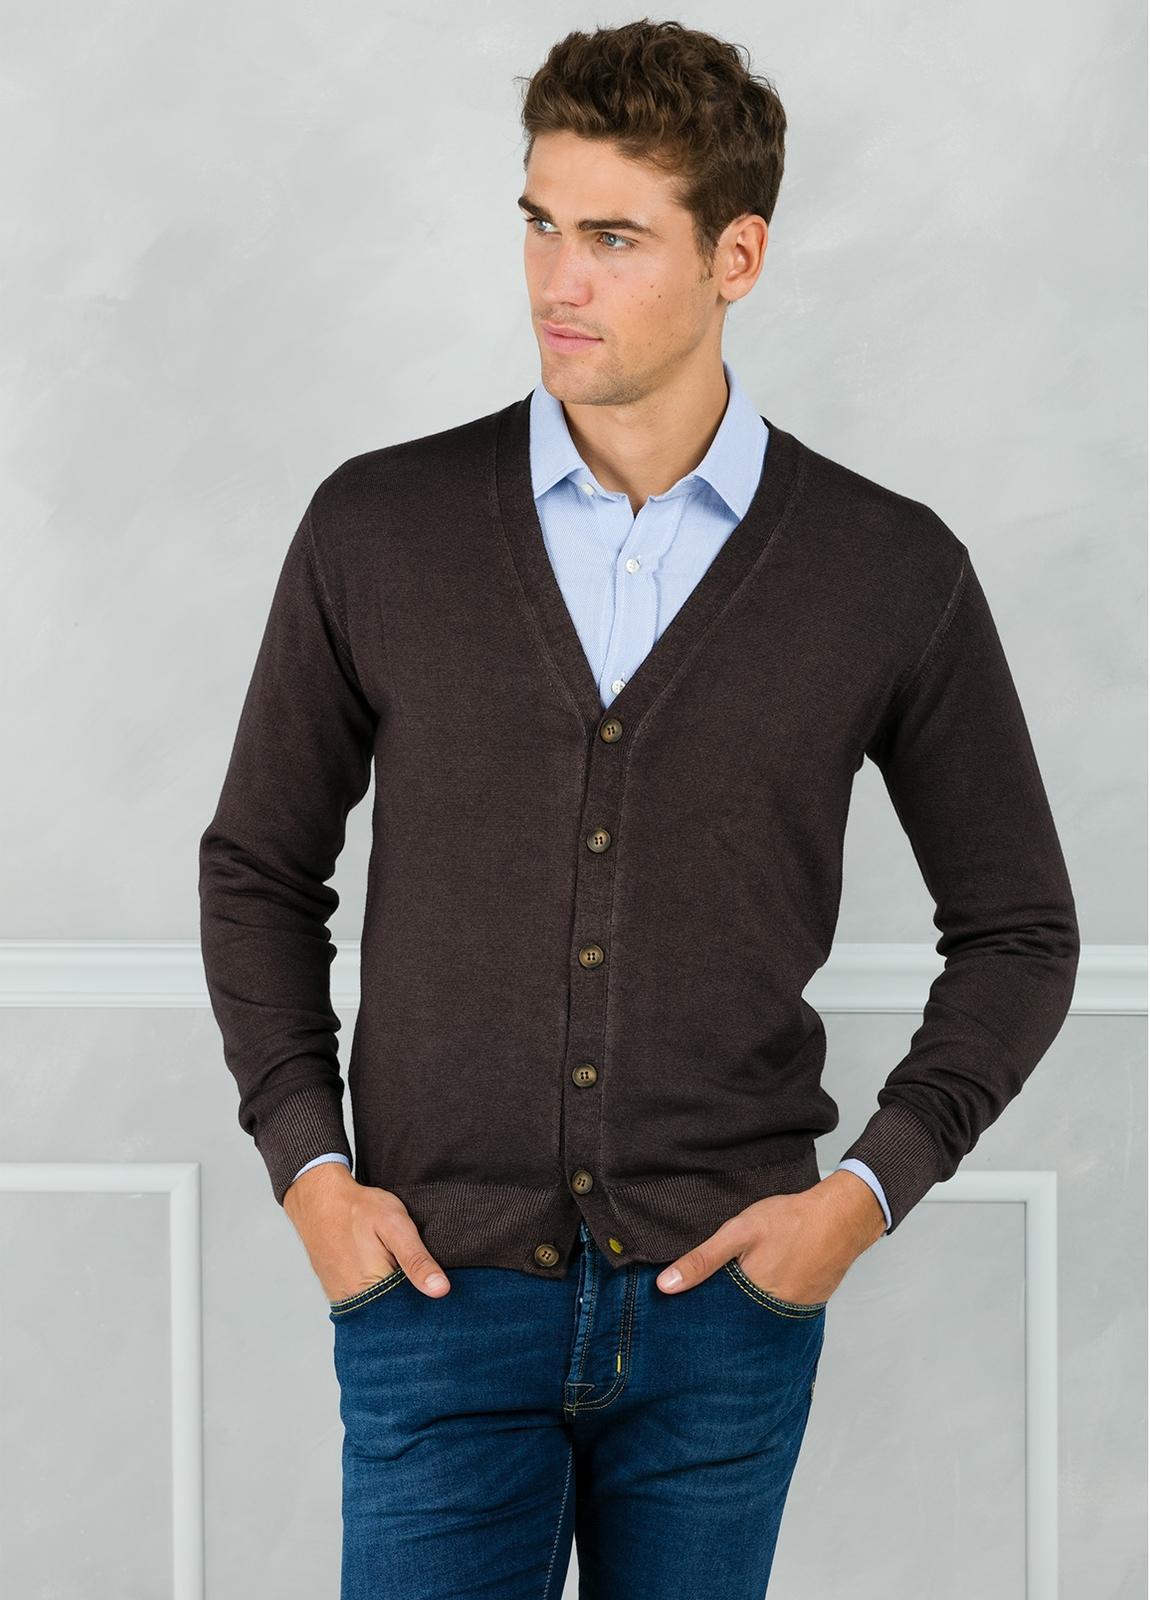 Cardigan liso color marrón. 100% Lana merino.